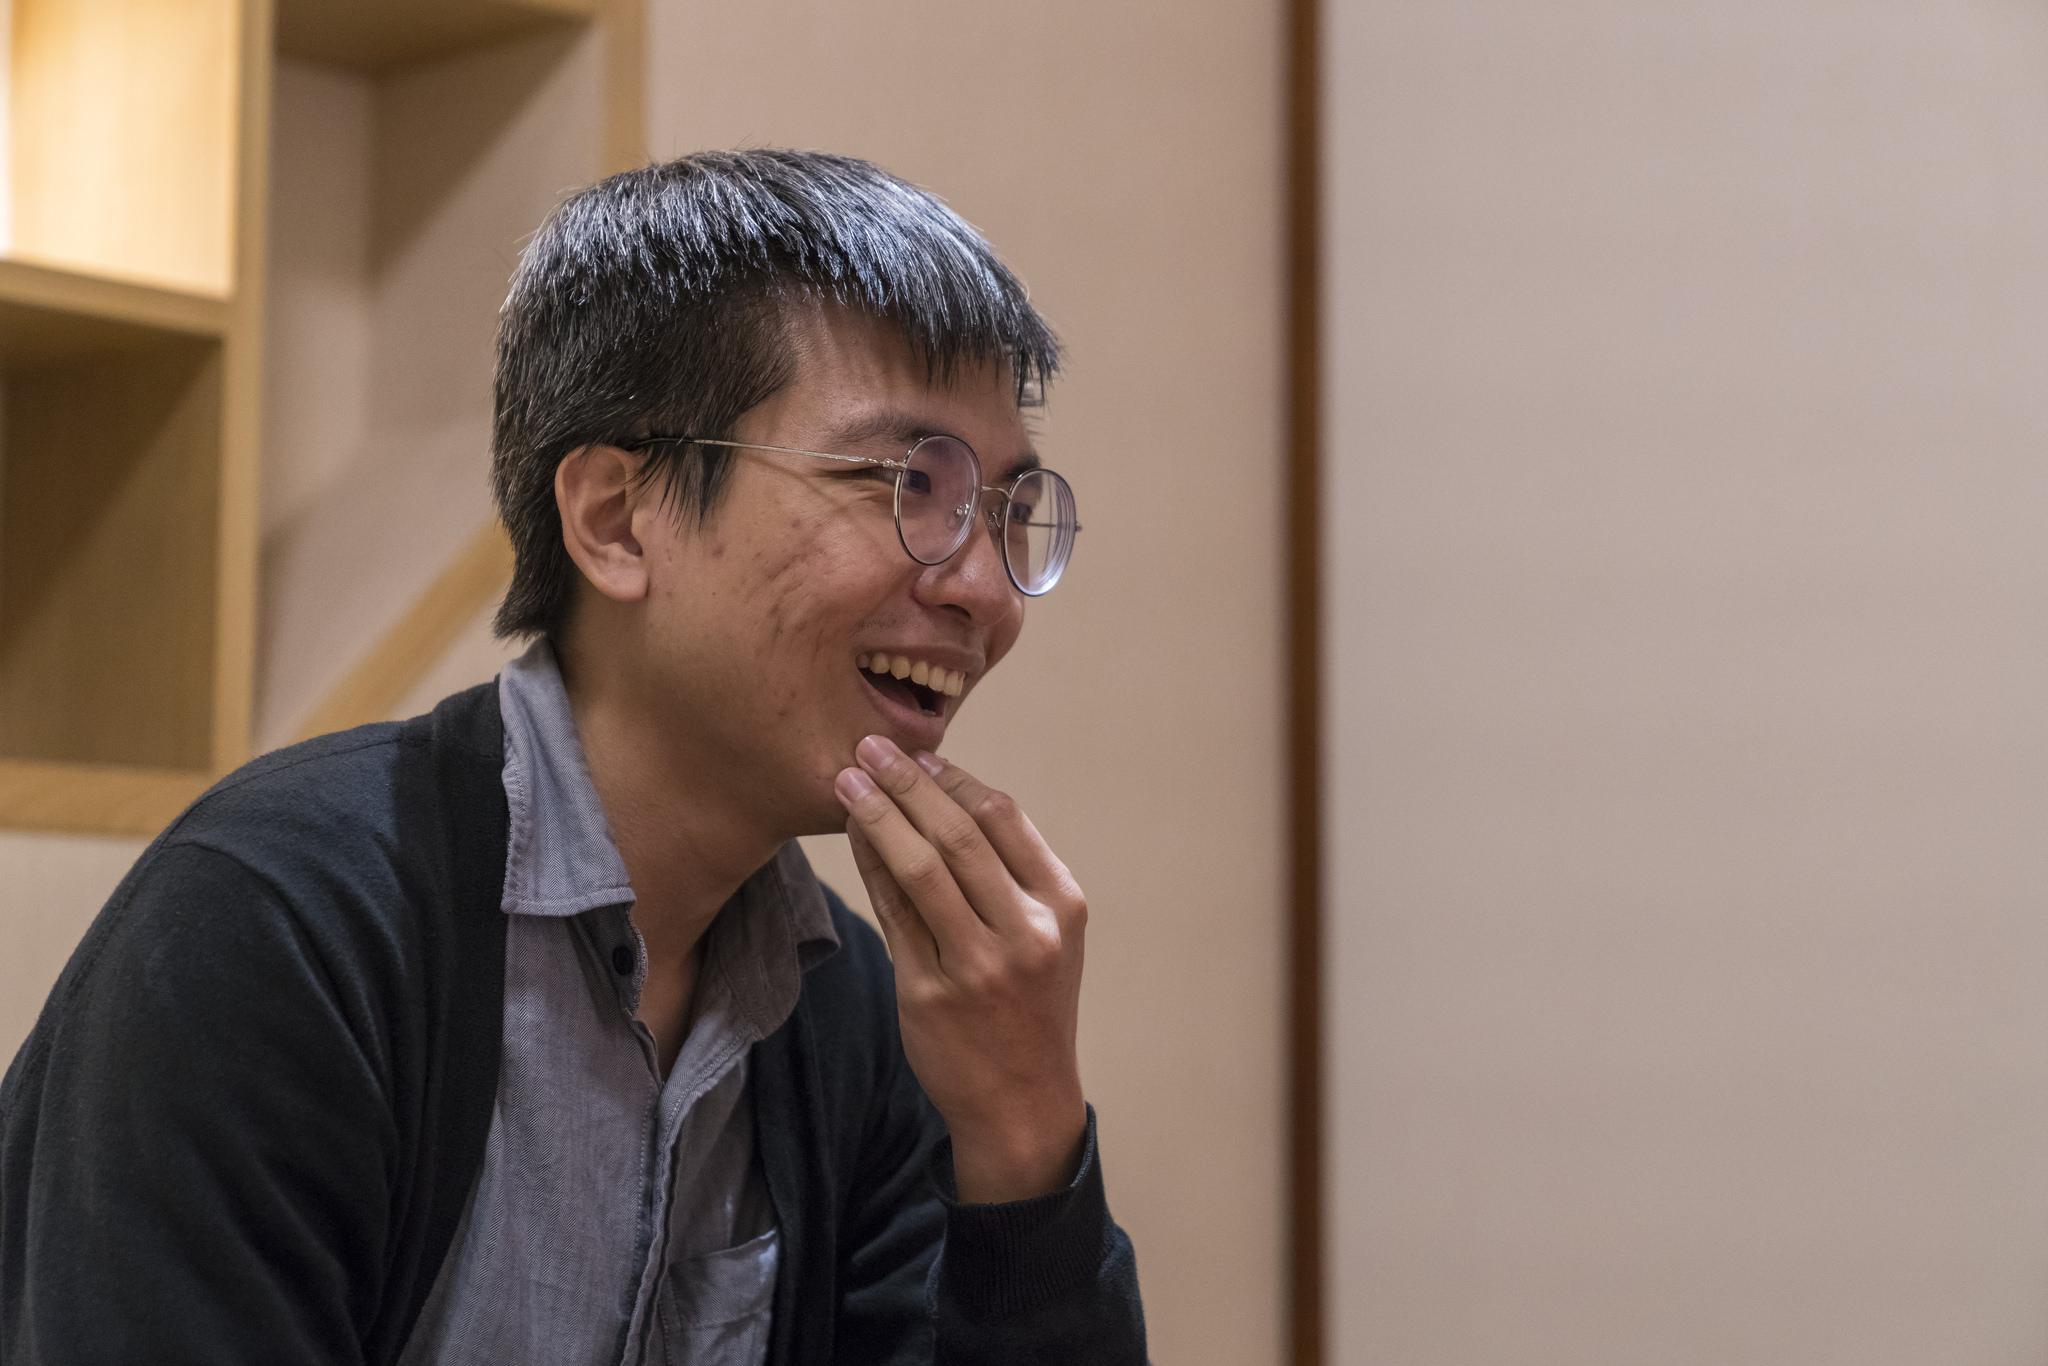 【台北文學獎20週年】專訪 現代詩首獎得主-ㄩㄐ。技術導向的工程師詩人